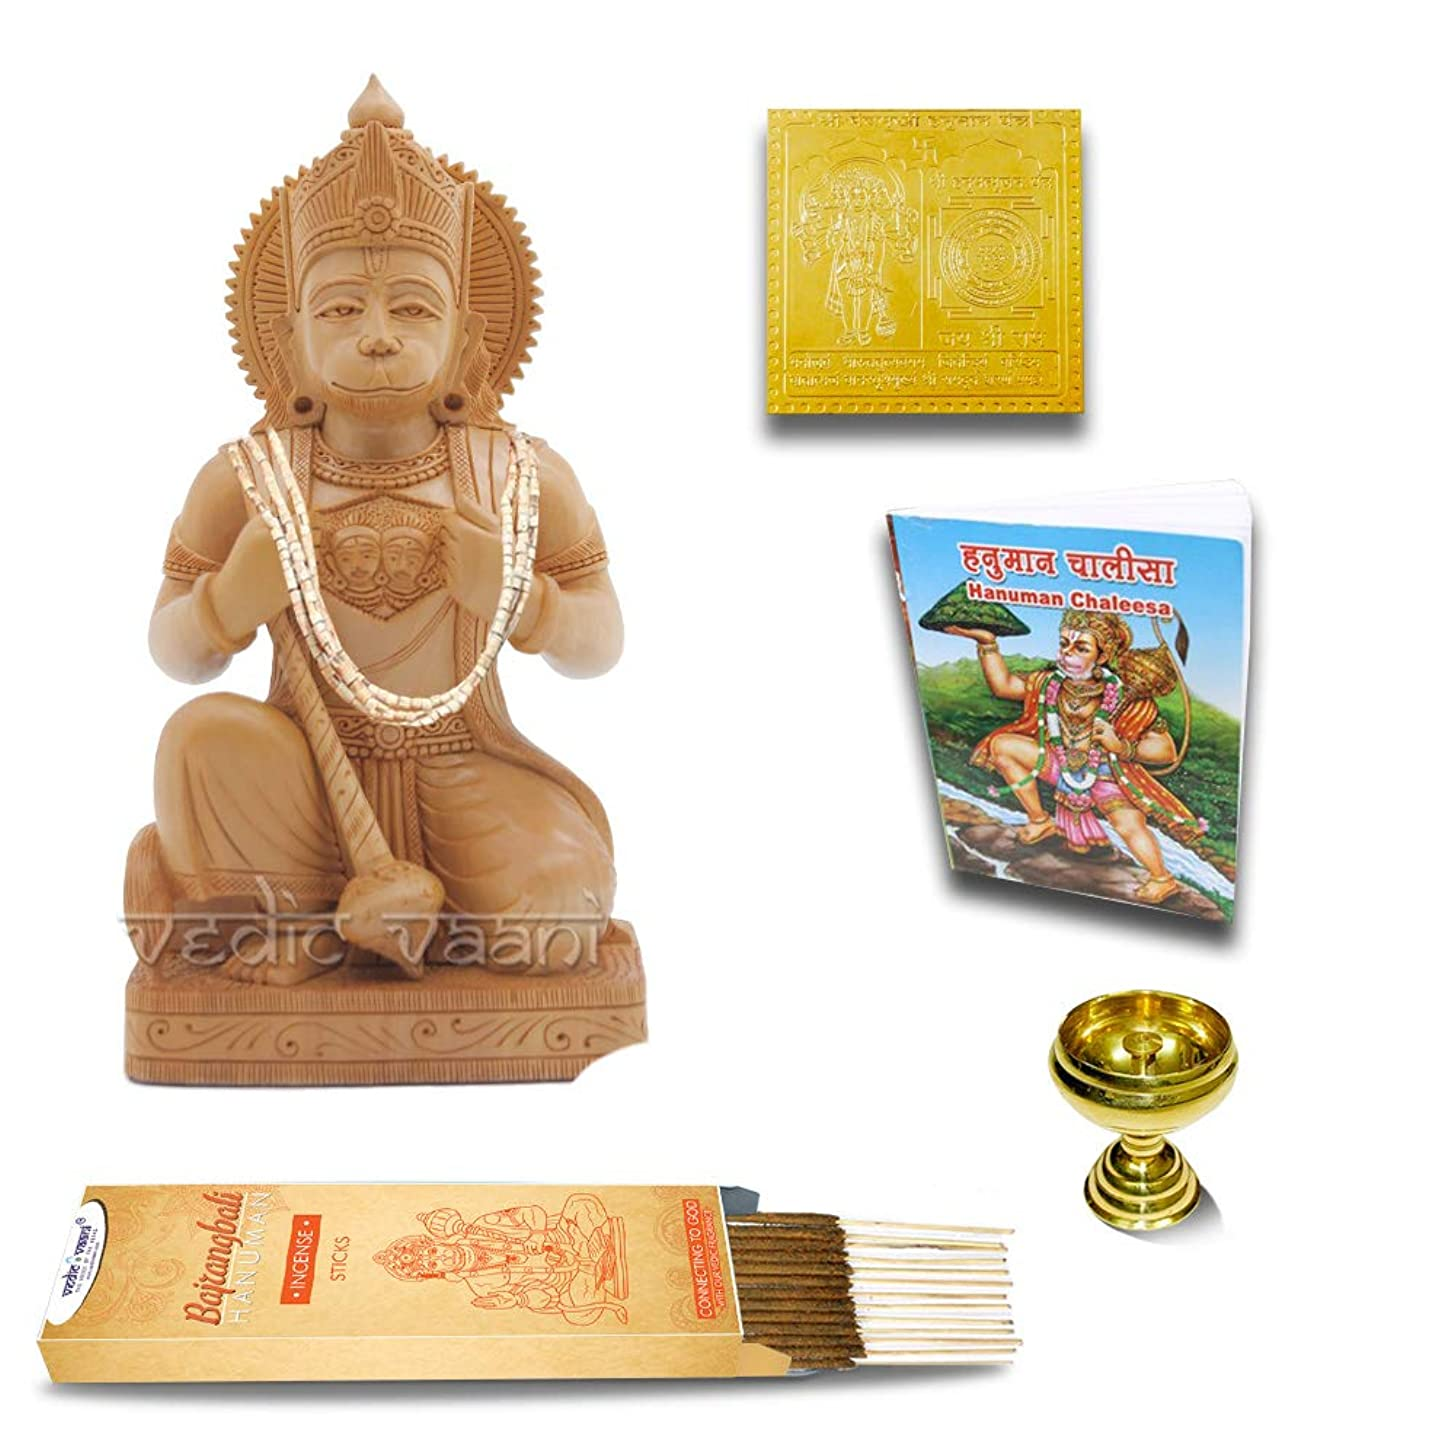 永遠の毎回自然Vedic Vaani Ram Bhakat Hanuman 木製像 ヤントラ チャリサ ディヤ お香スティック付き 100gm